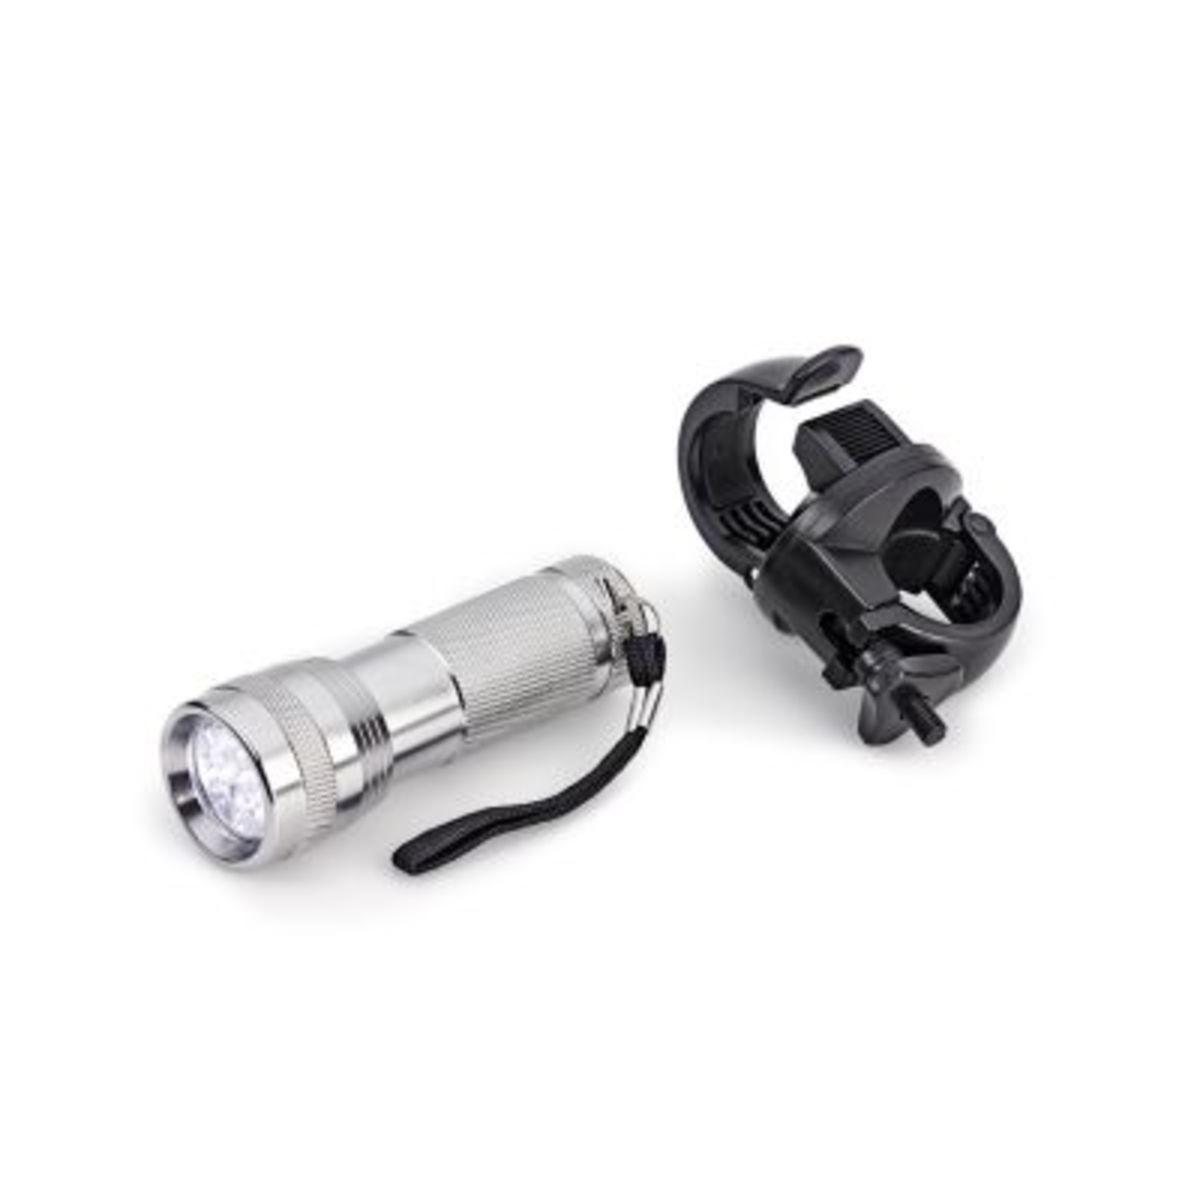 Bild 1 von Aluminium Taschenlampe mit Halterung